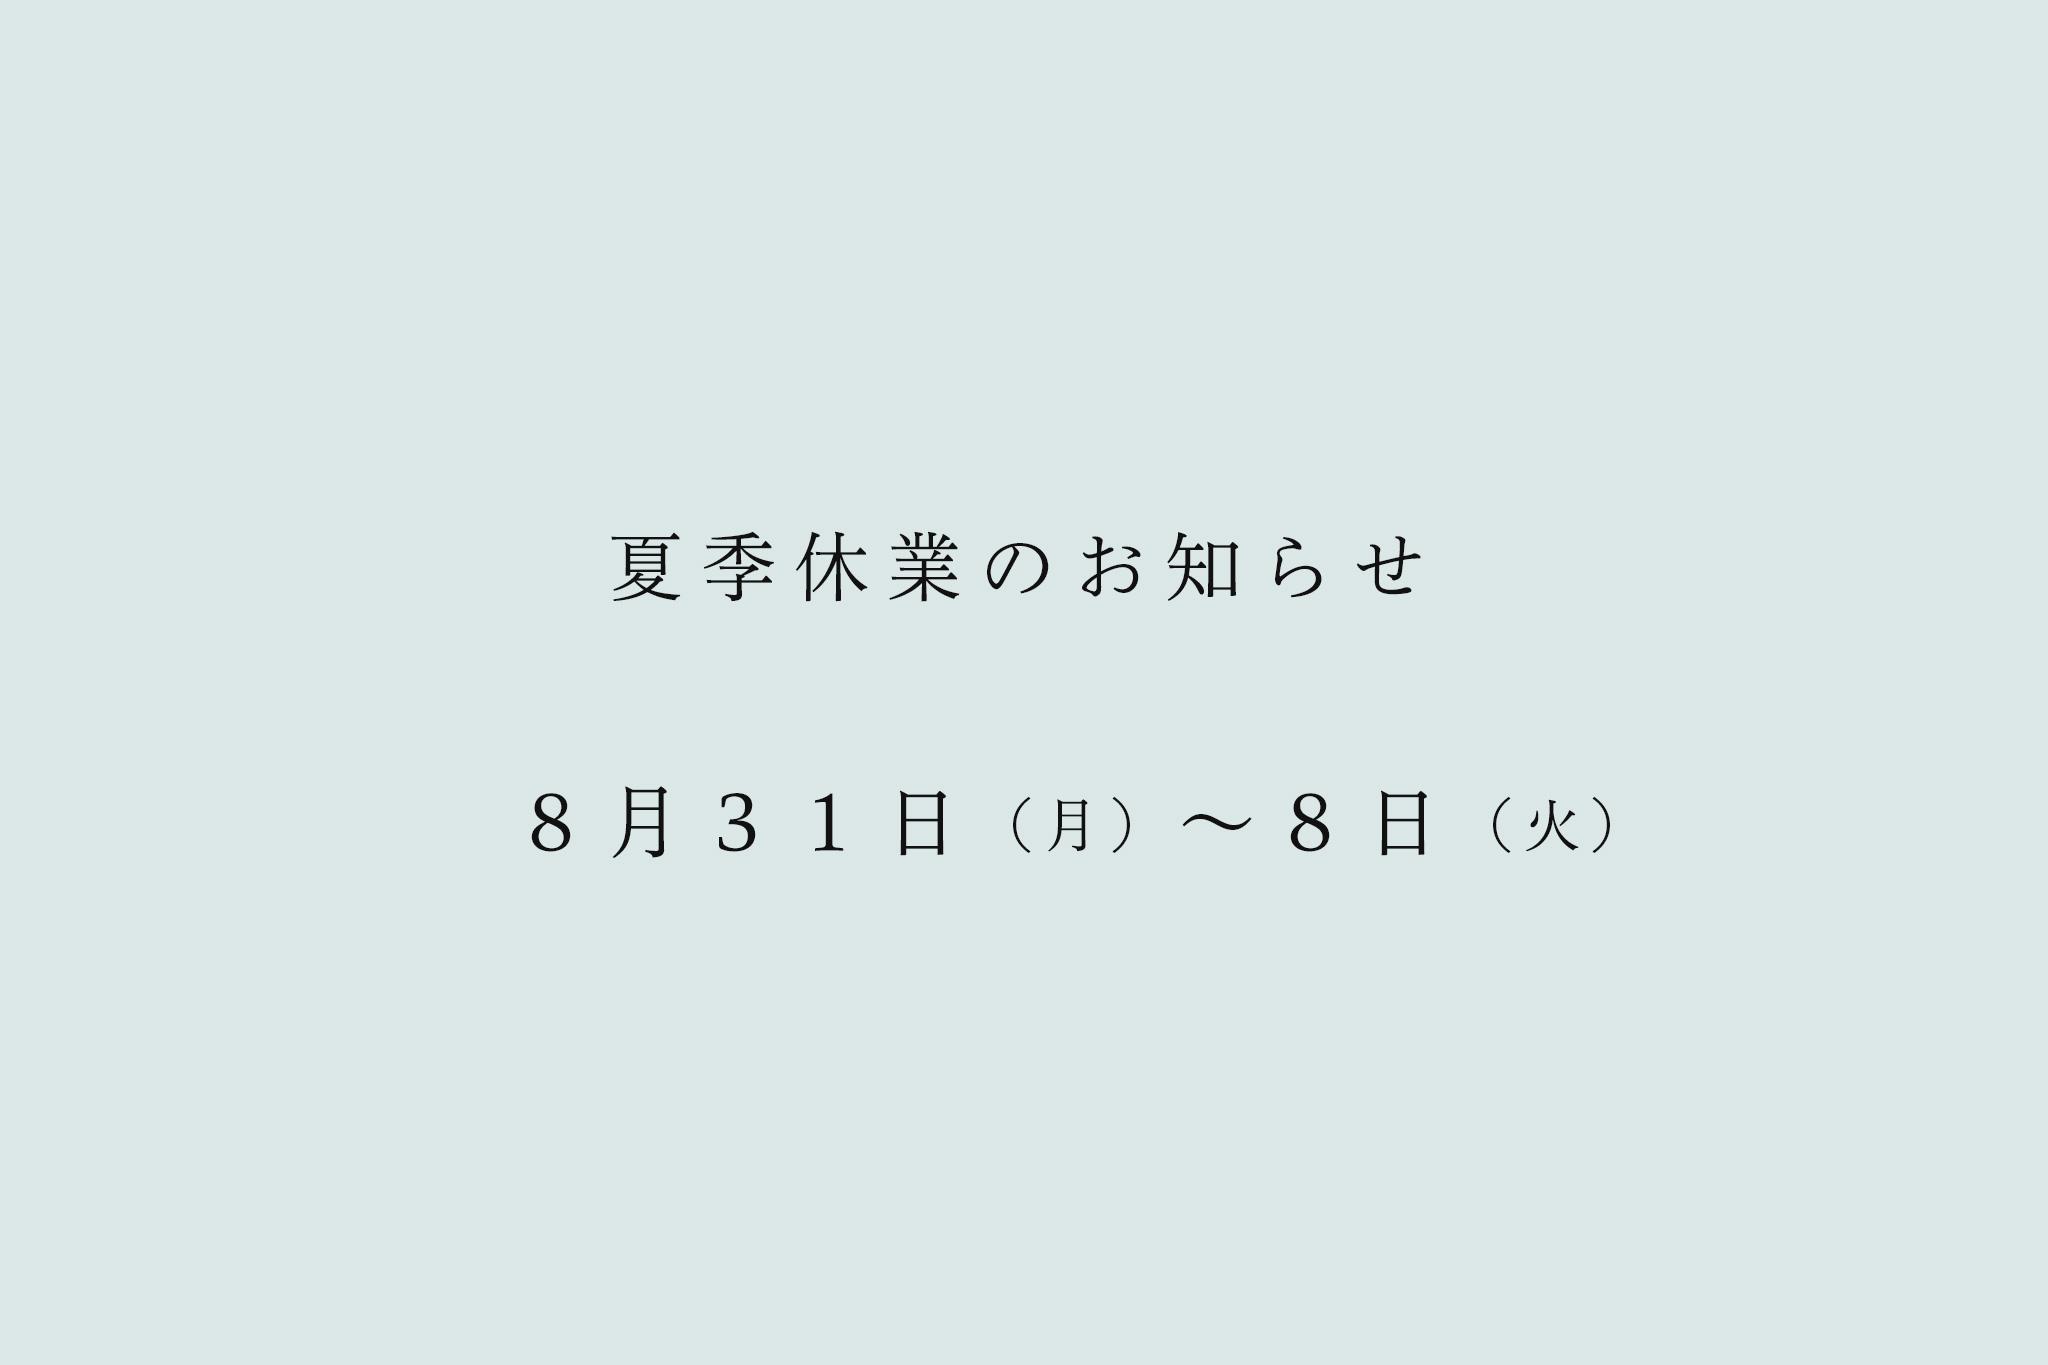 【お知らせ】前橋本店・Nakamata Loves Fruits Cafe 夏季休業について